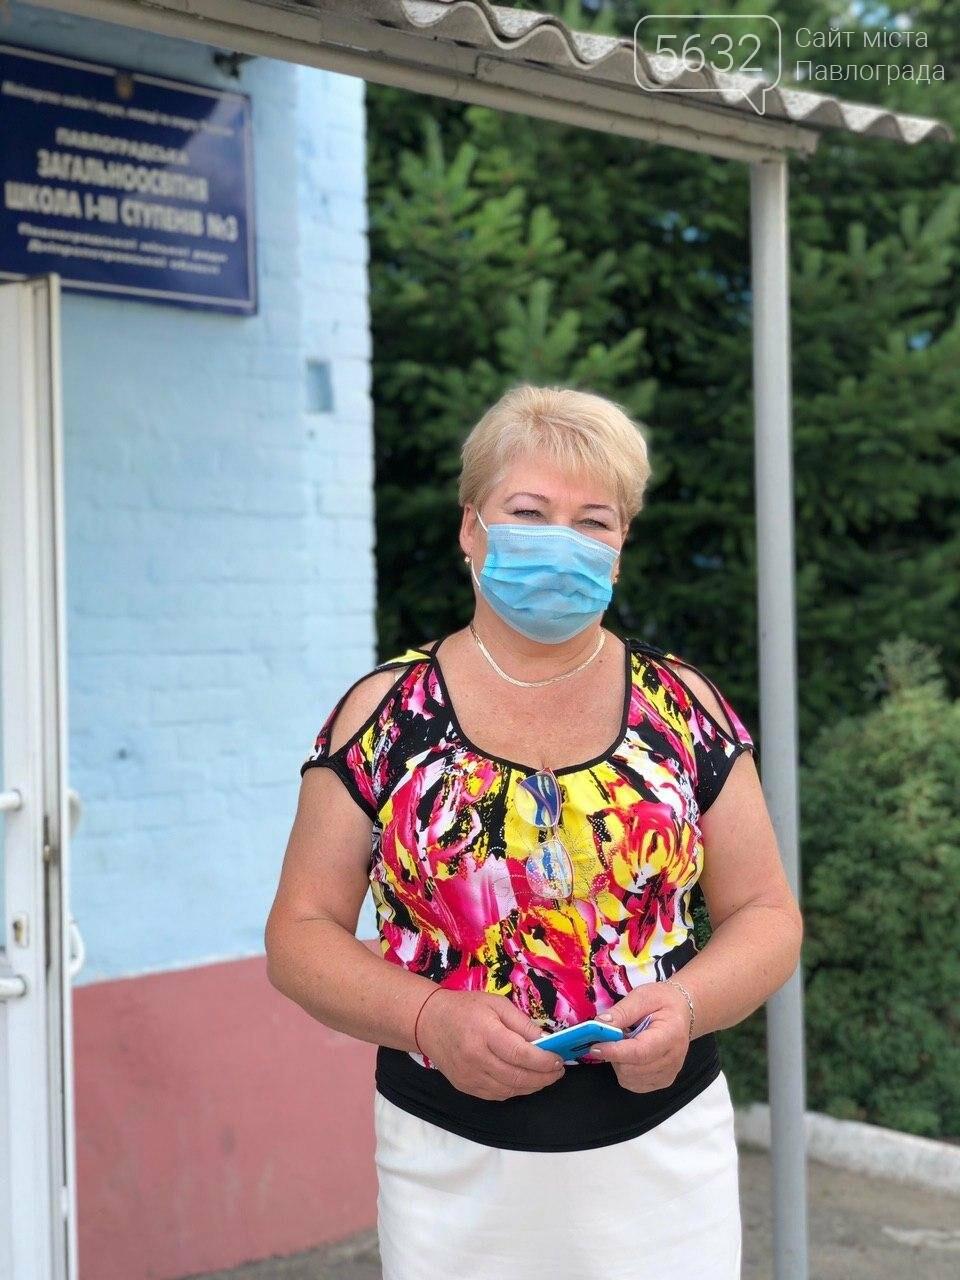 Санитайзеры и медицинские маски: как школы Павлограда готовятся к новому учебному году (ФОТО), фото-18